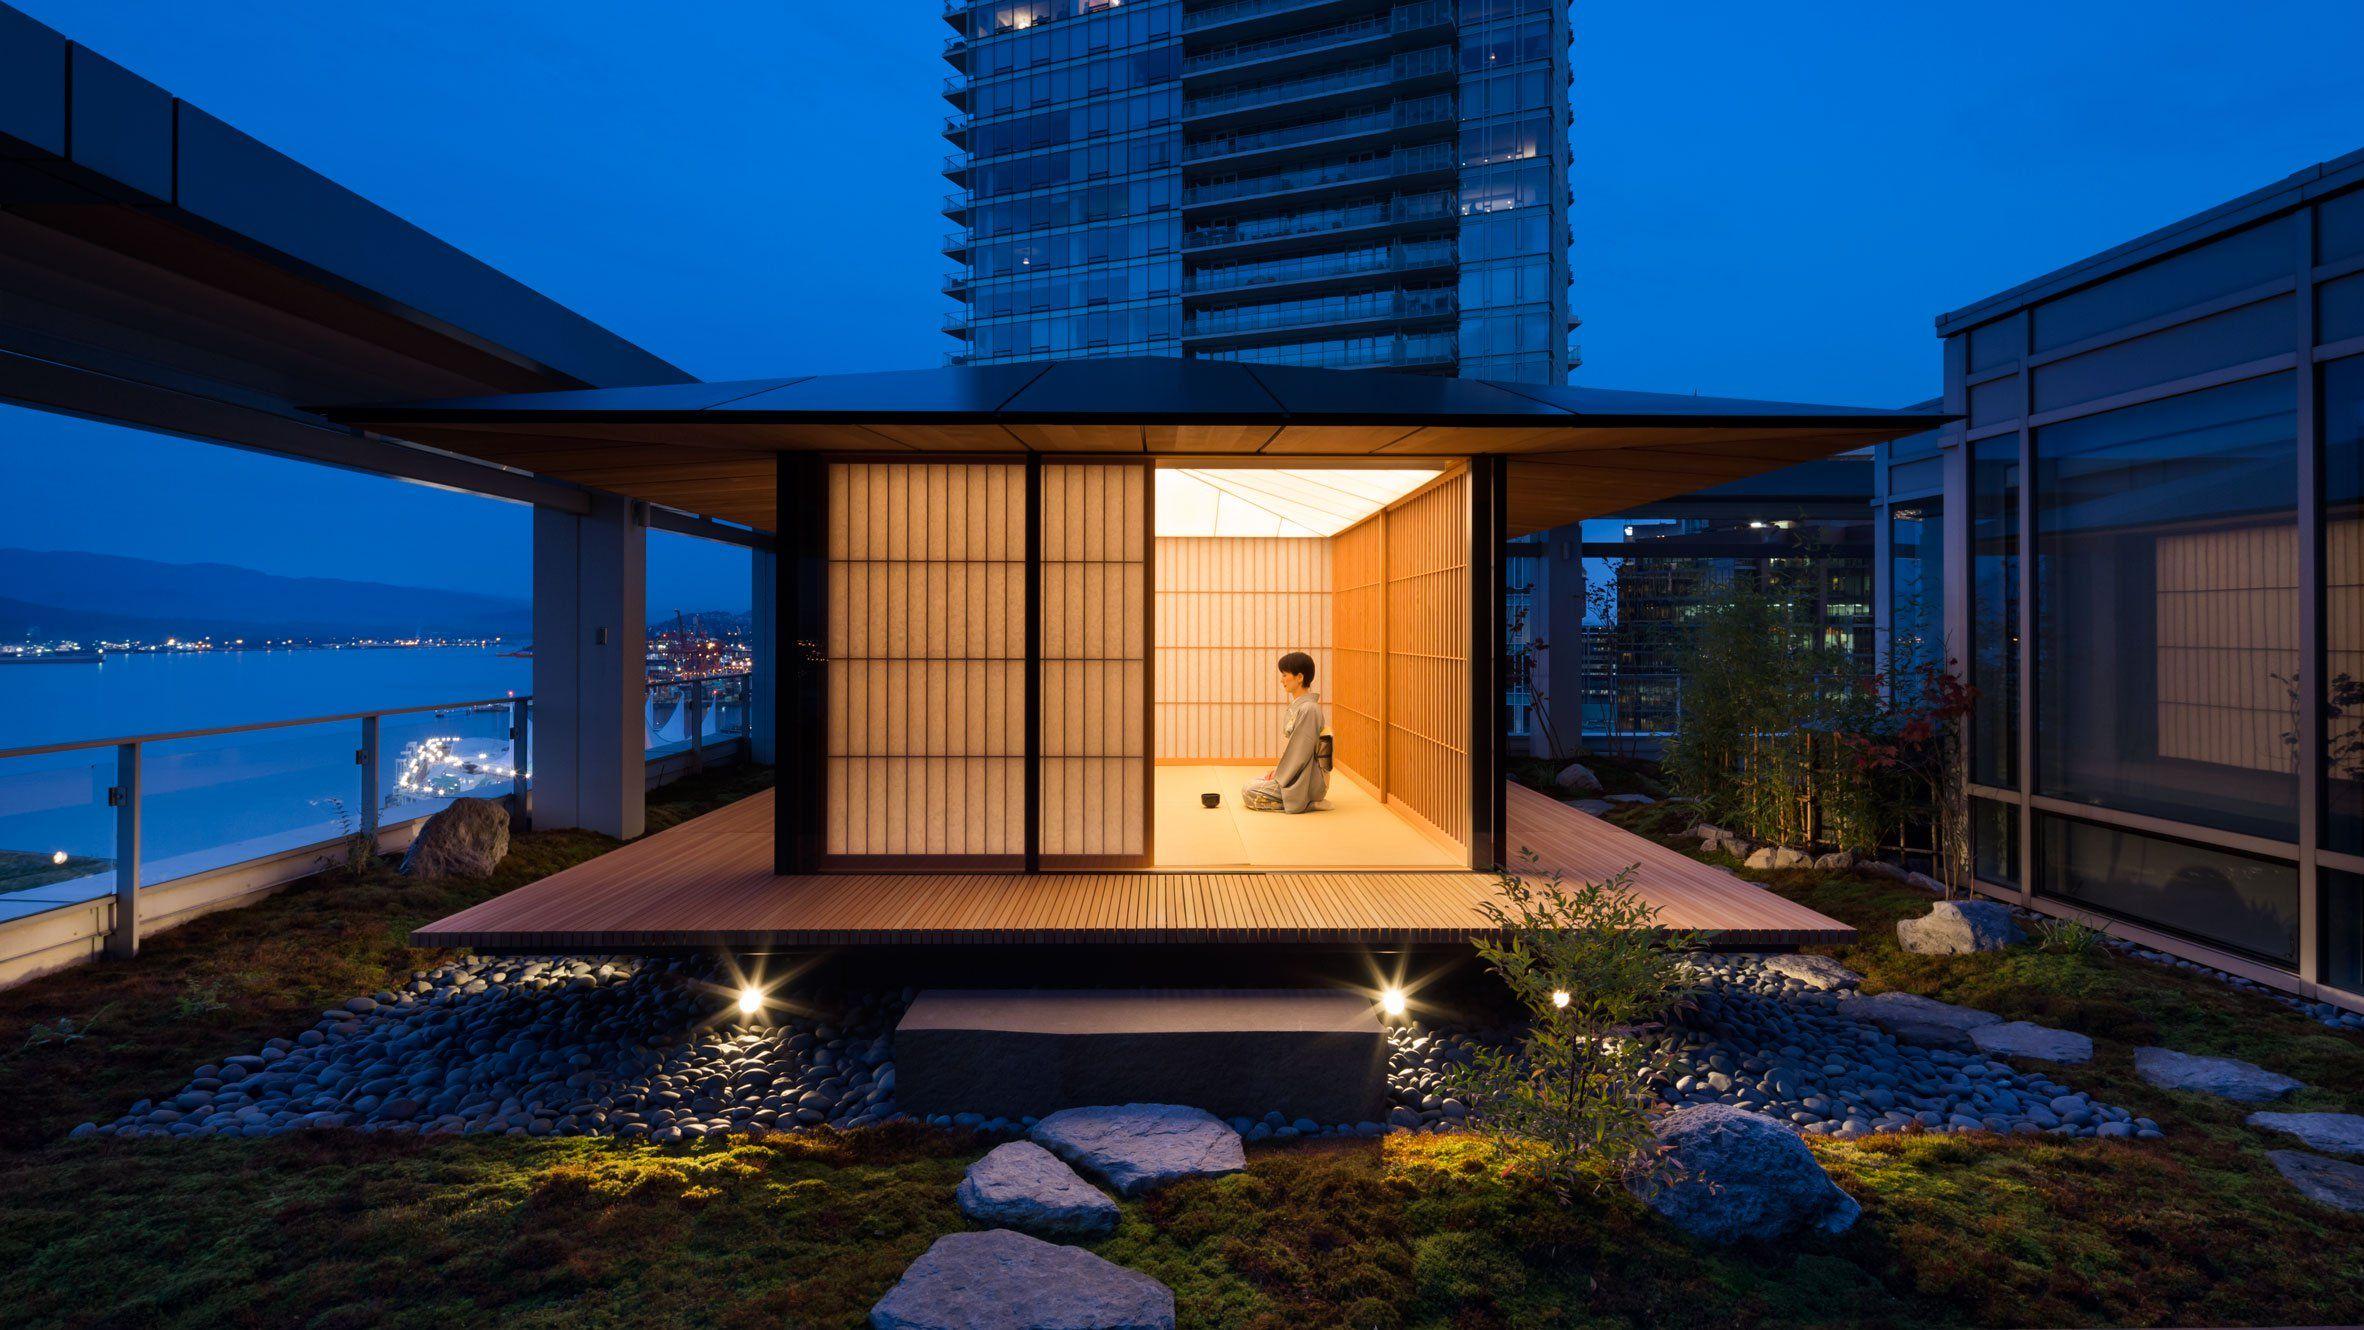 Japanese Deck